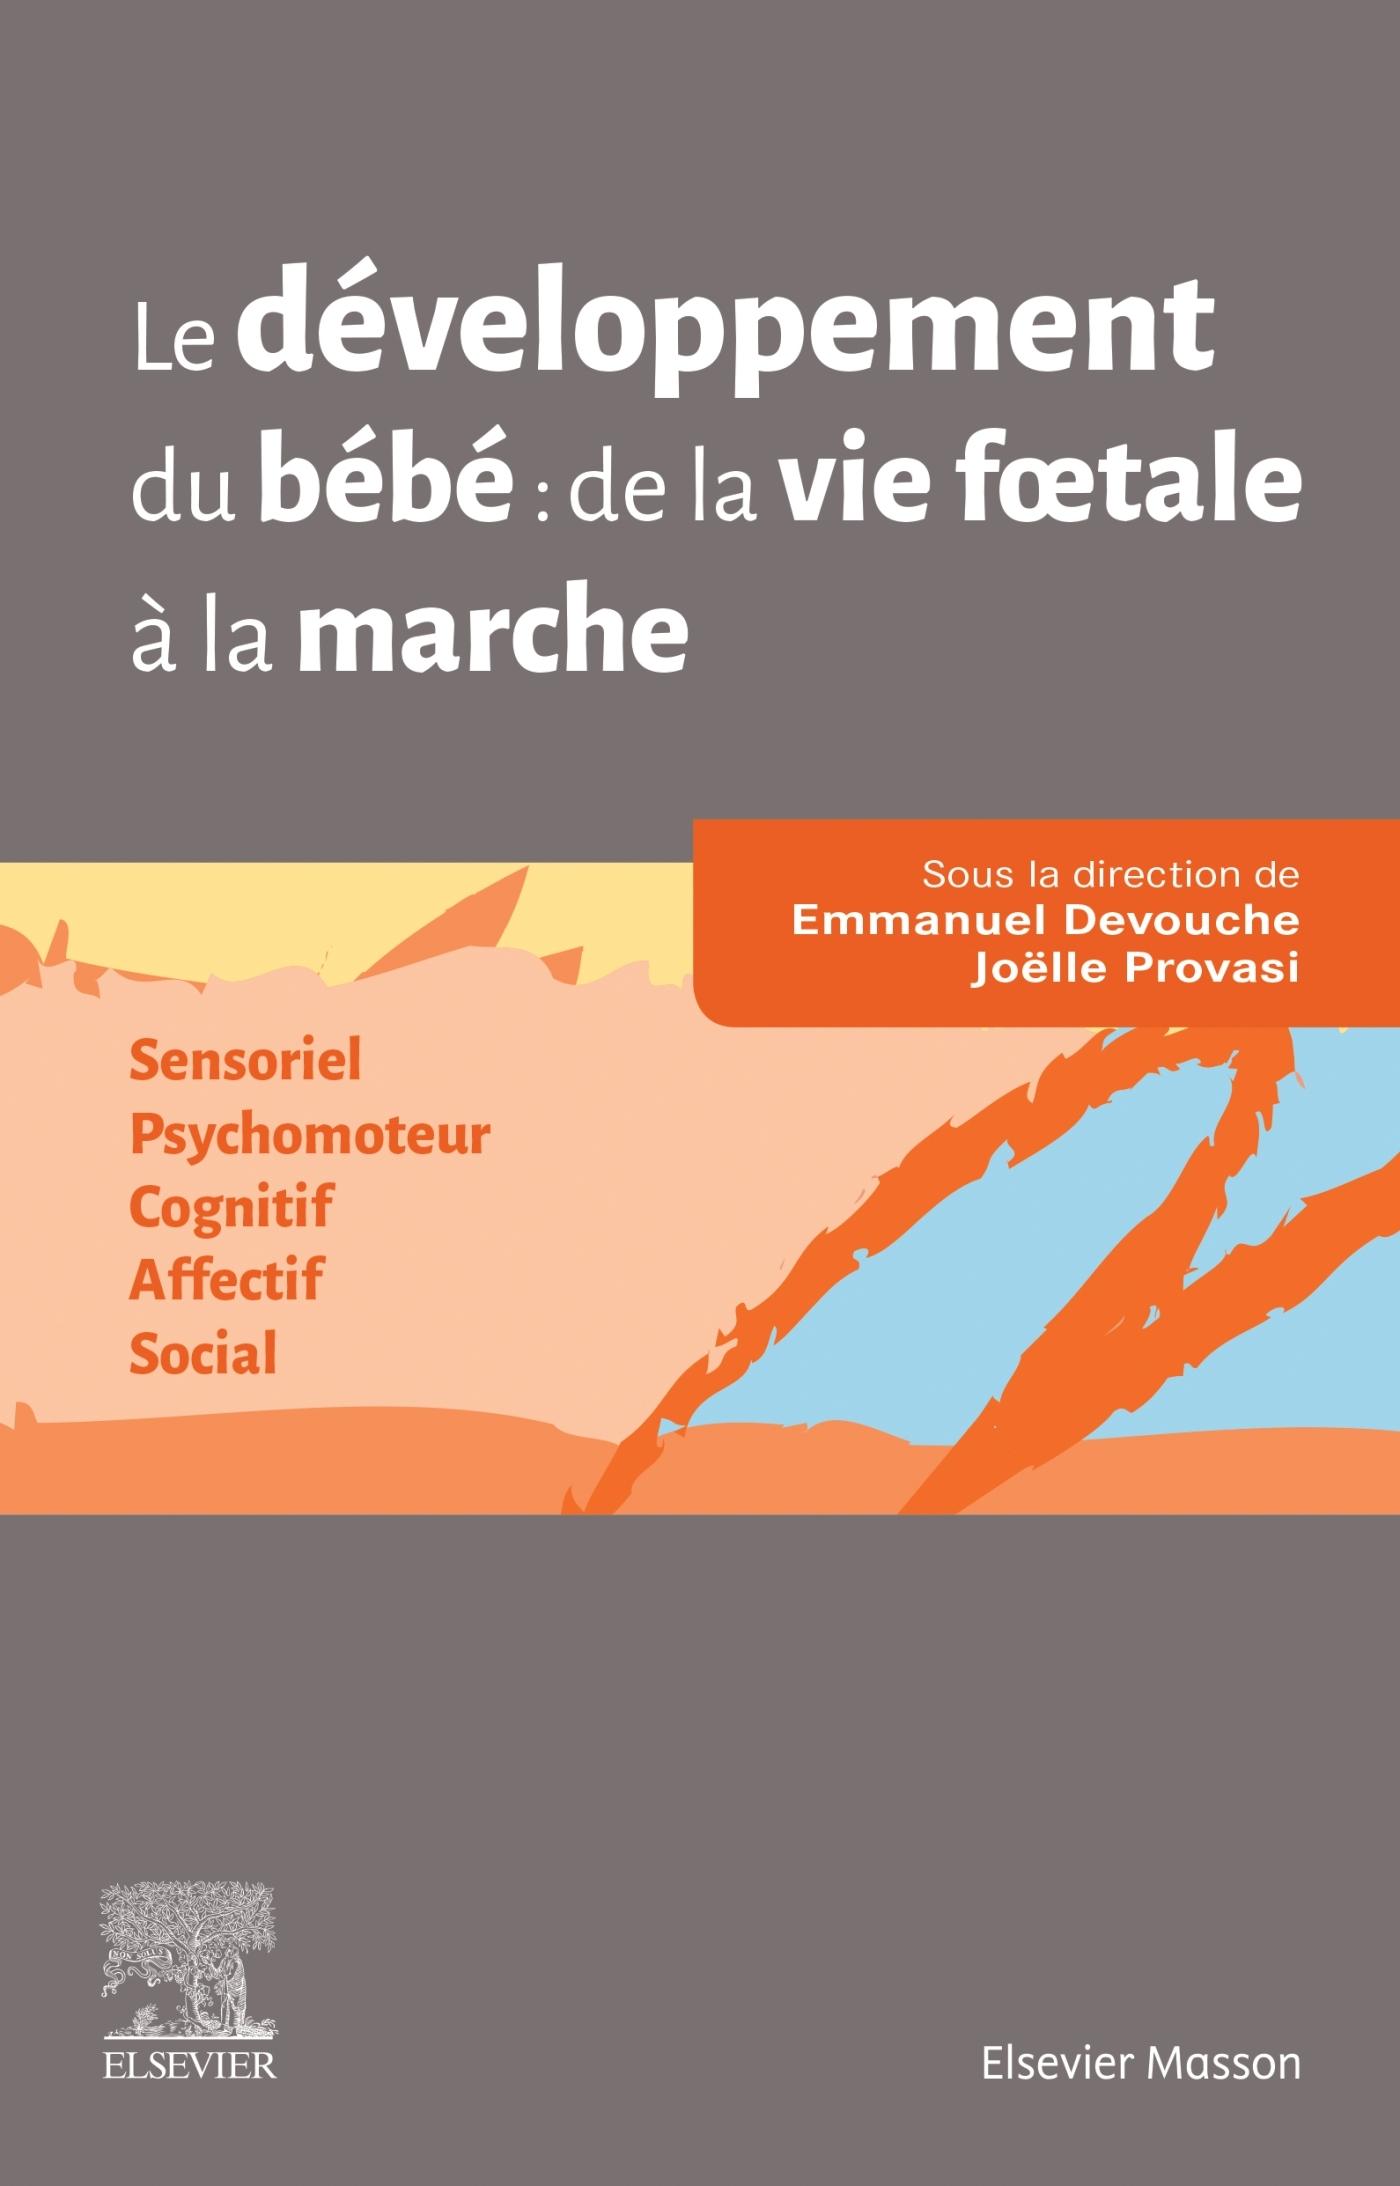 LE DEVELOPPEMENT DU BEBE : DE LA VIE FOETALE A LA MARCHE - SENSORIEL - PSYCHOMOTEUR - COGNITIF - AFF